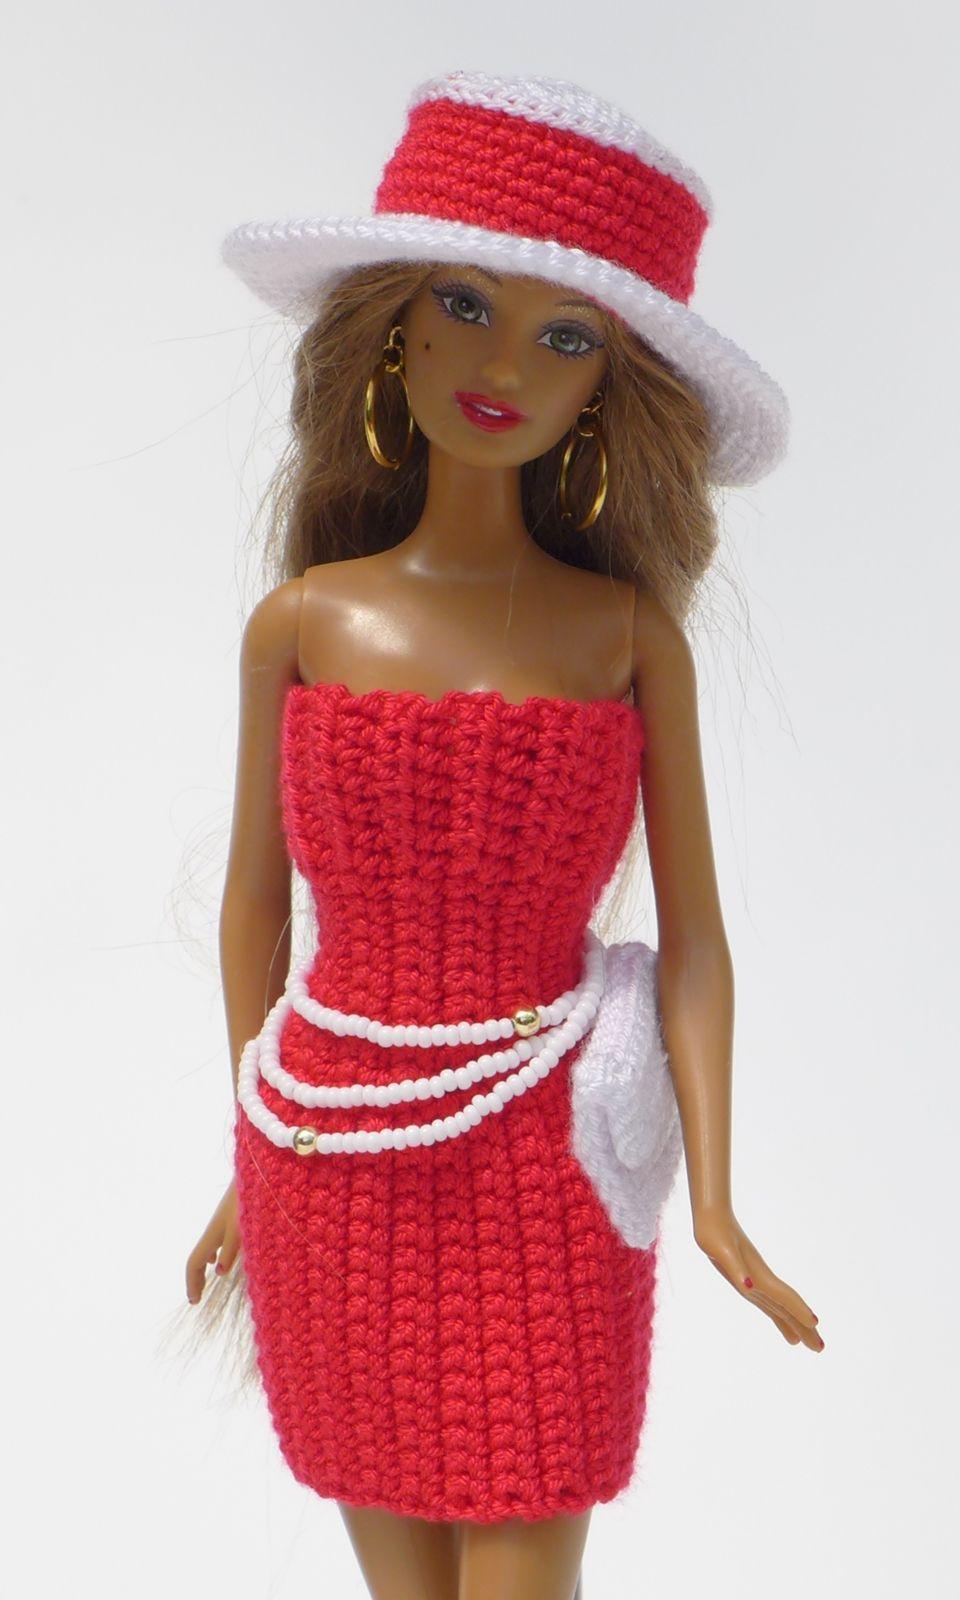 Schickes Sommer Outfit Einfach Selberhäkeln Hut Kleid Clutch